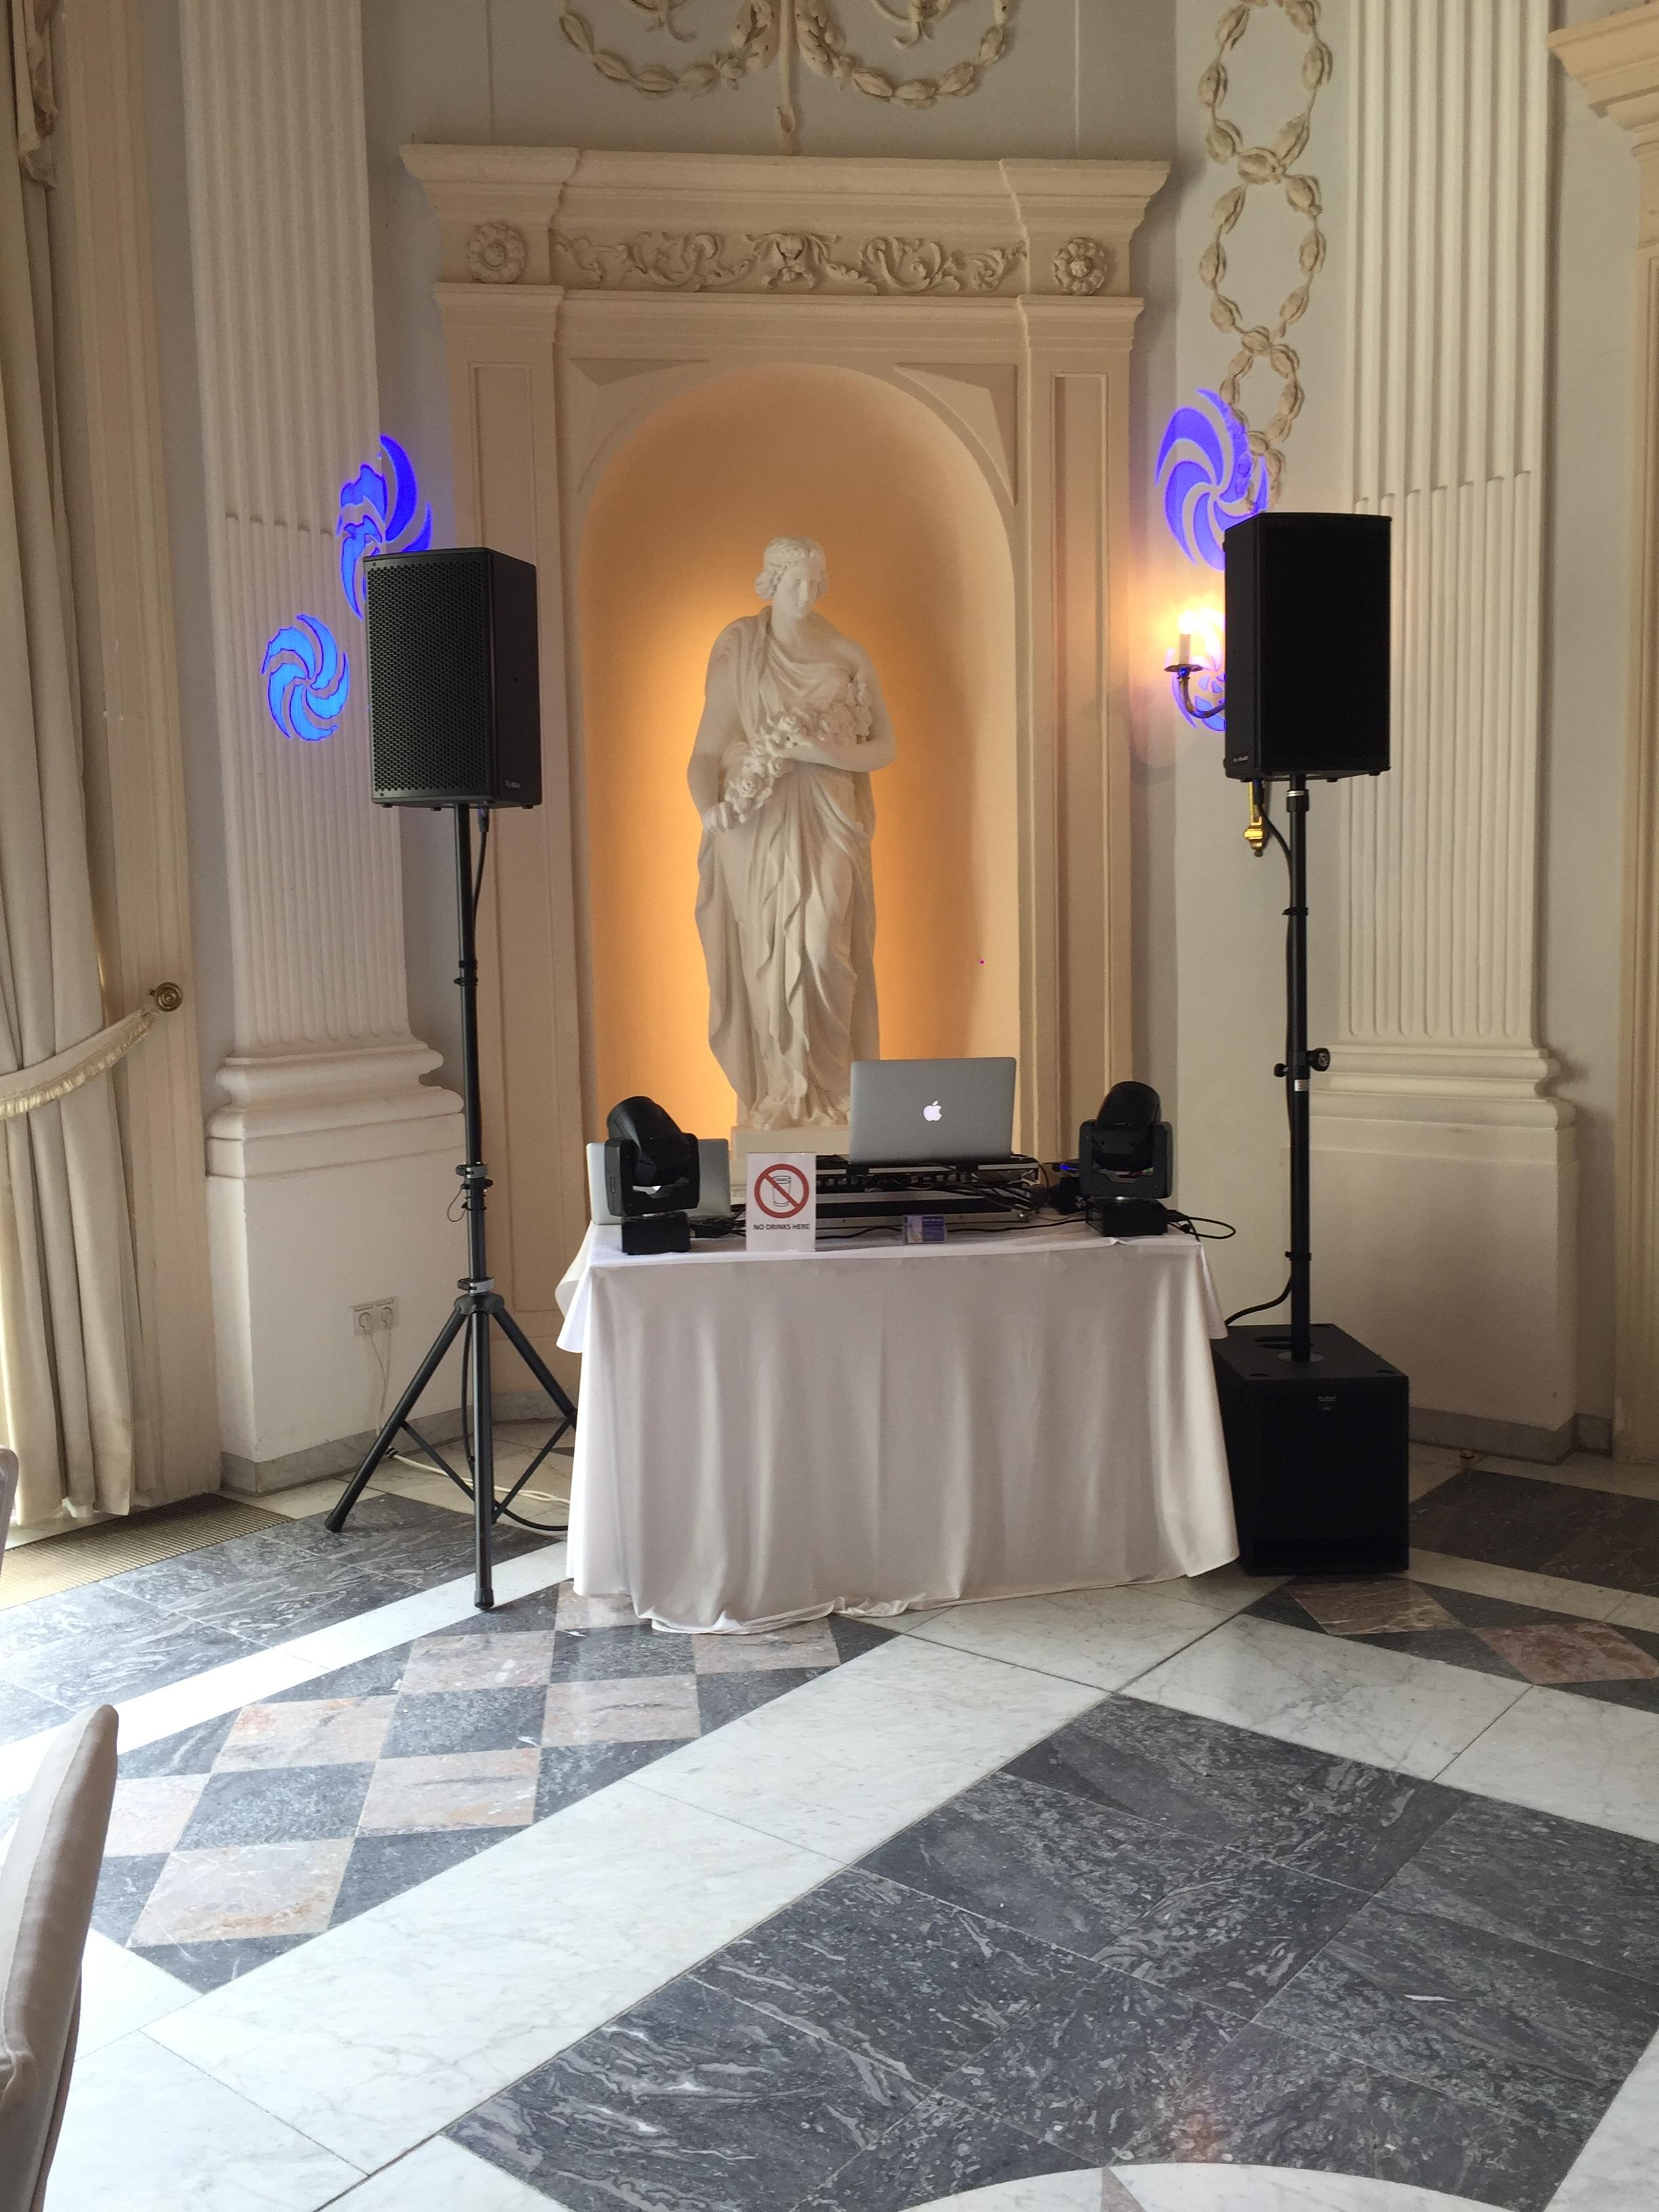 Redoute Bad Godesberg - Hochzeit - Jenny -  2017 07 22 - 05